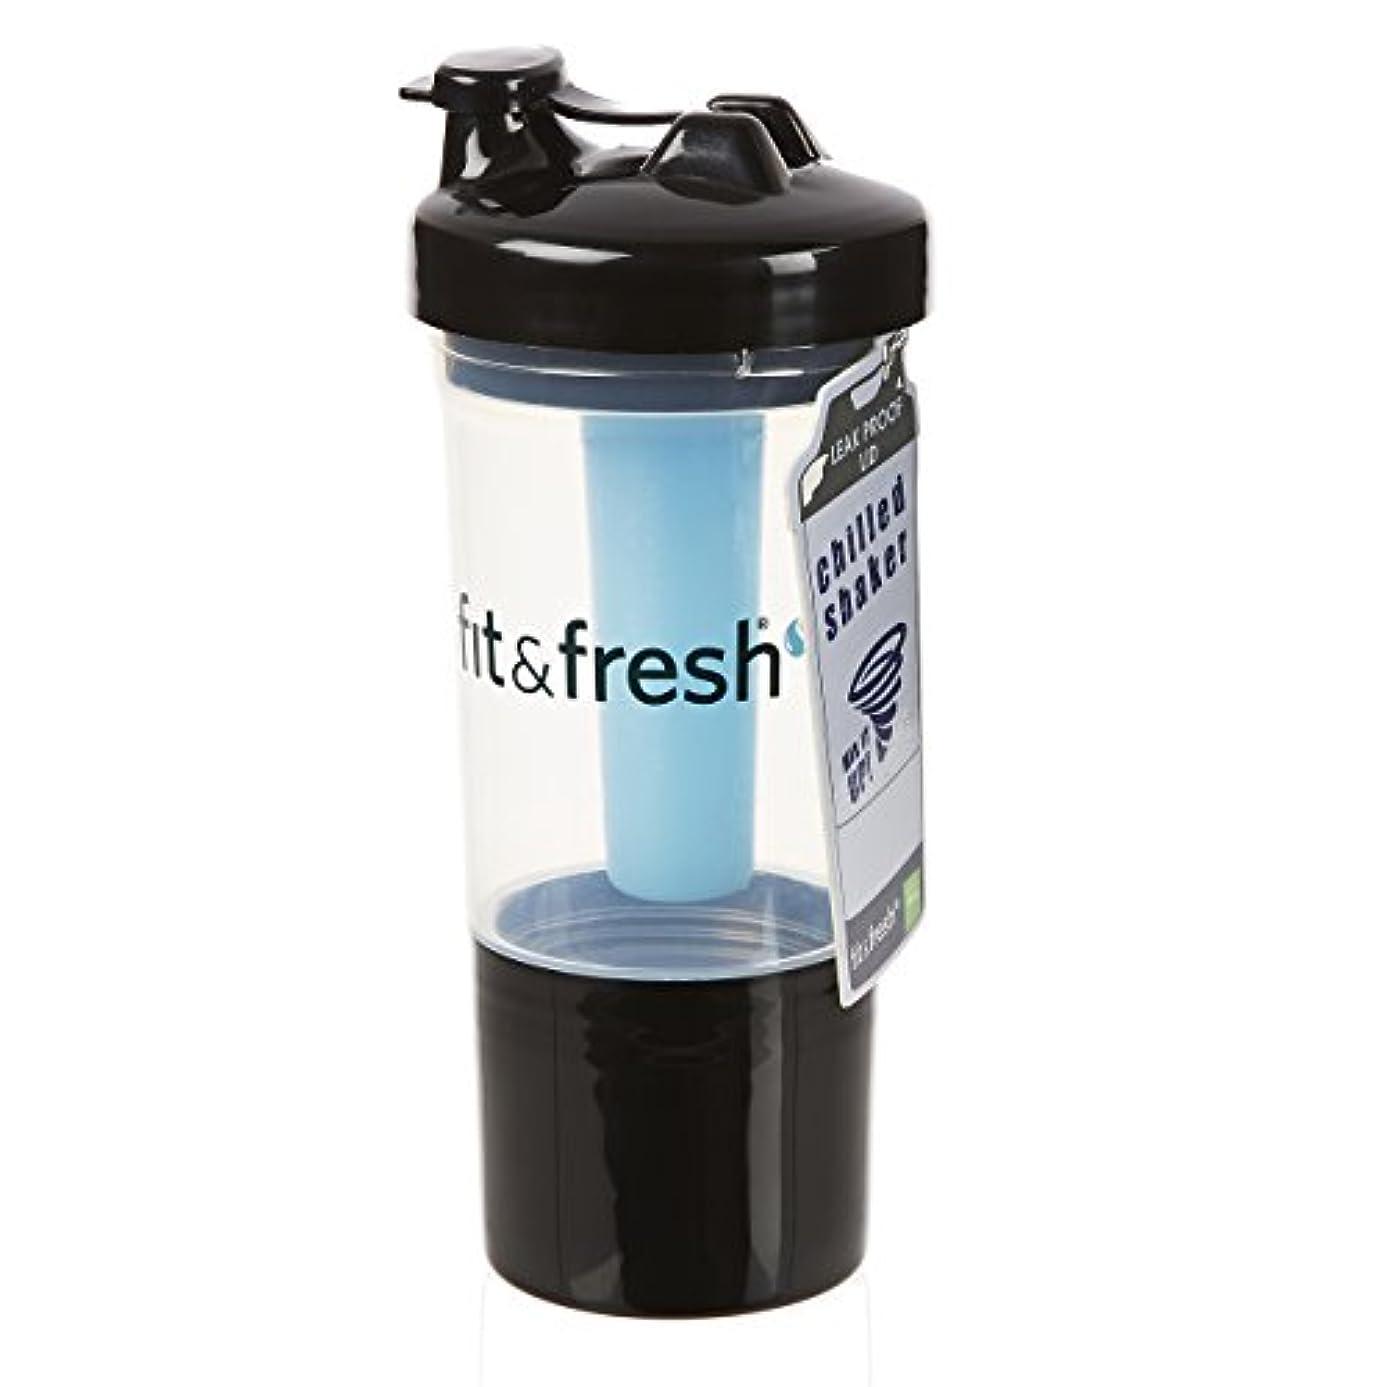 再編成するナラーバー卒業記念アルバムFit & Fresh, CleanTek, Shaker Cup with Ice Wand Agitator & Storage Cup, 1 Cup